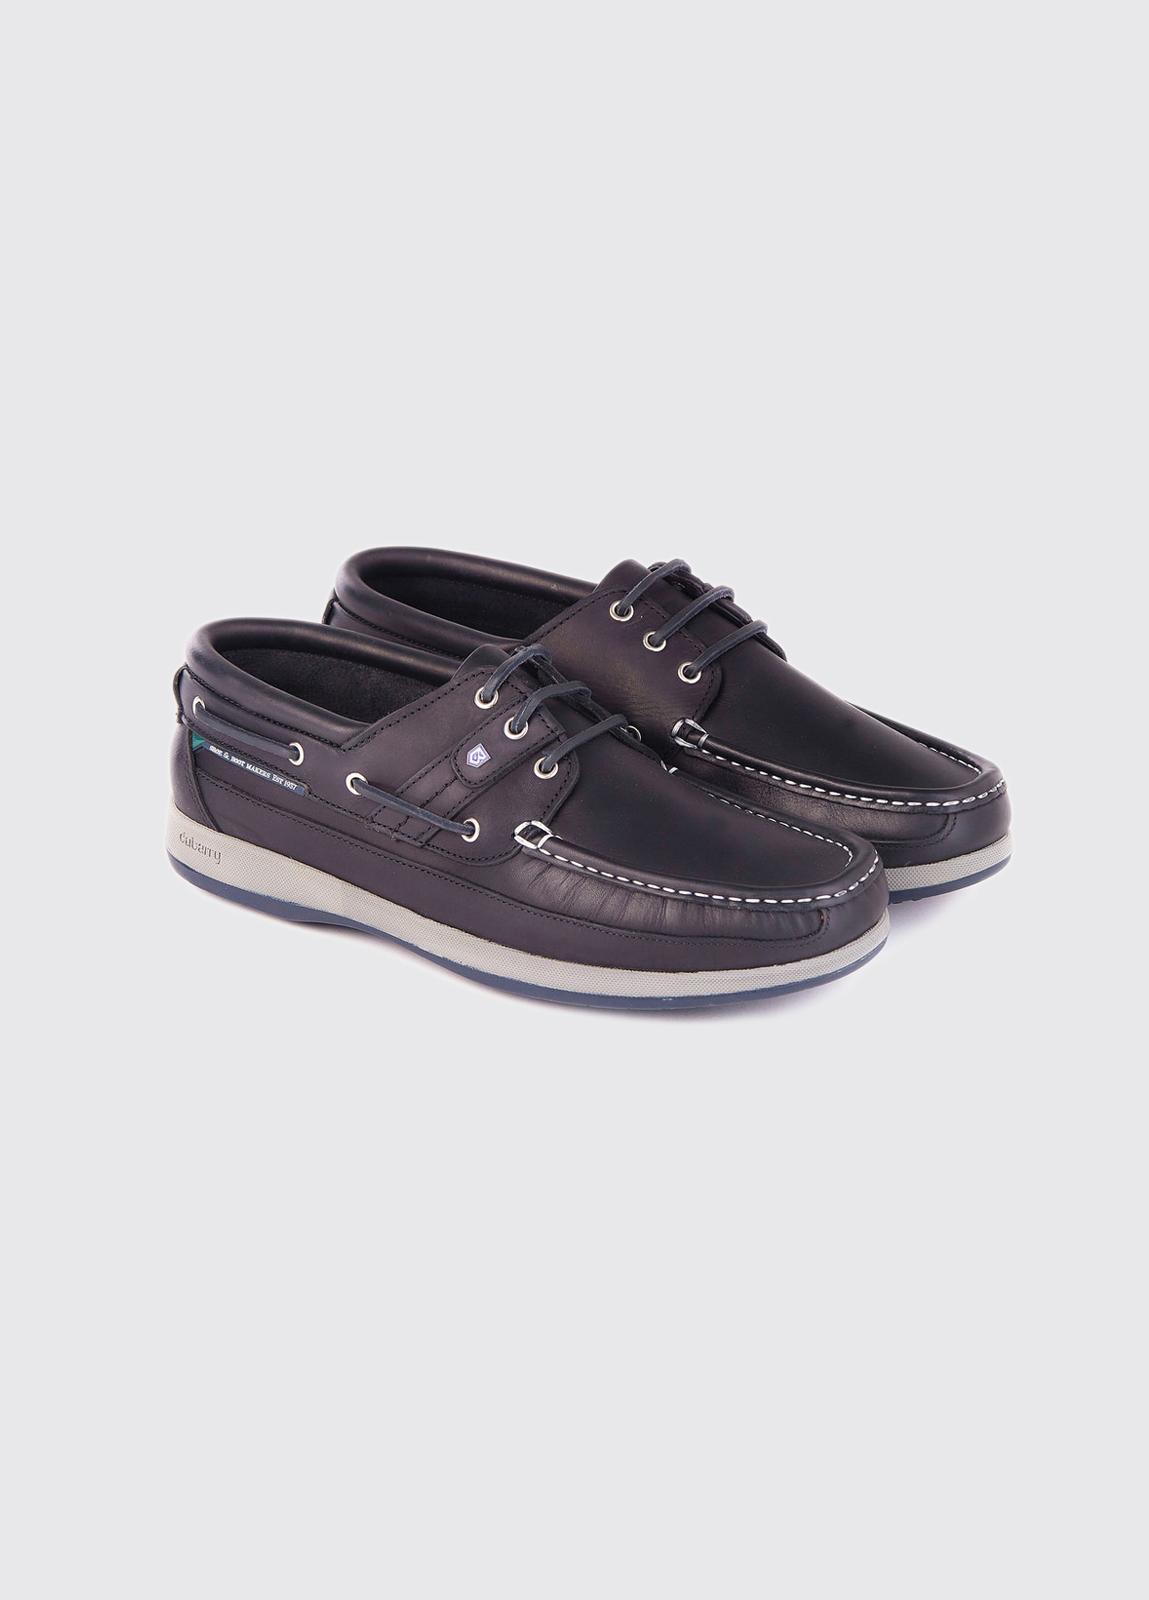 Atlantic Deck Shoe - Navy